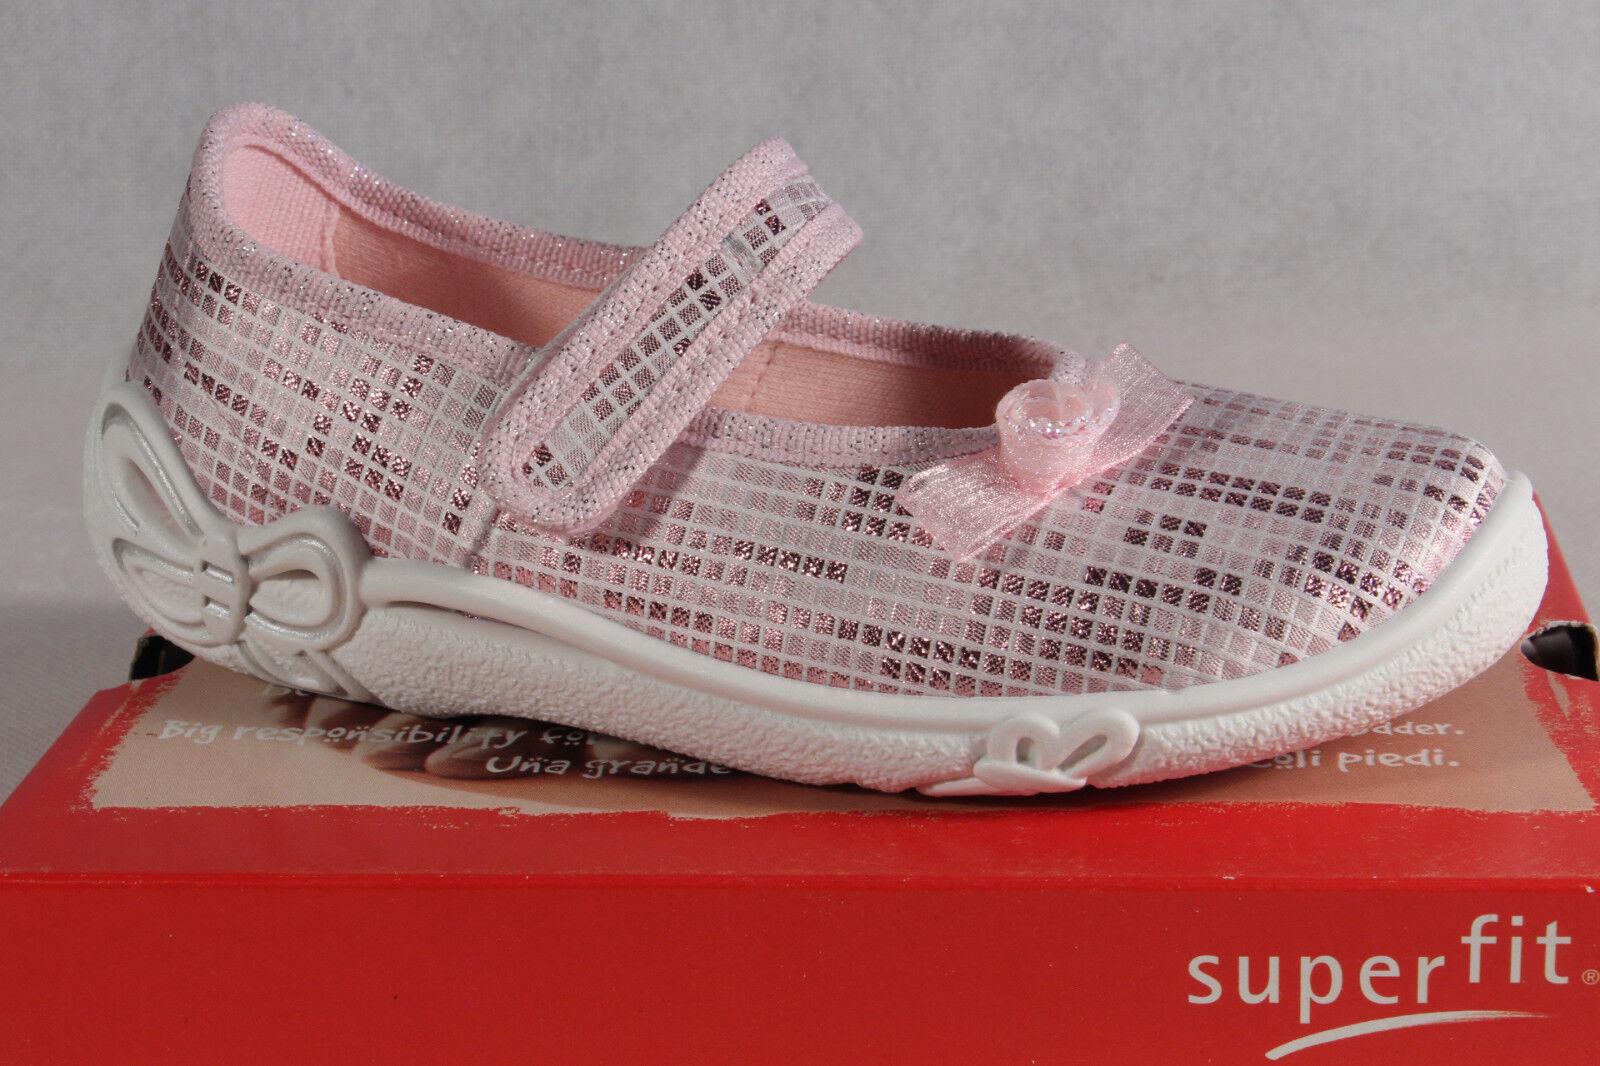 separation shoes f1264 9193b Superfit Mädchen Ballerina Slipper Halbschuhe Sneaker rosa NEU!